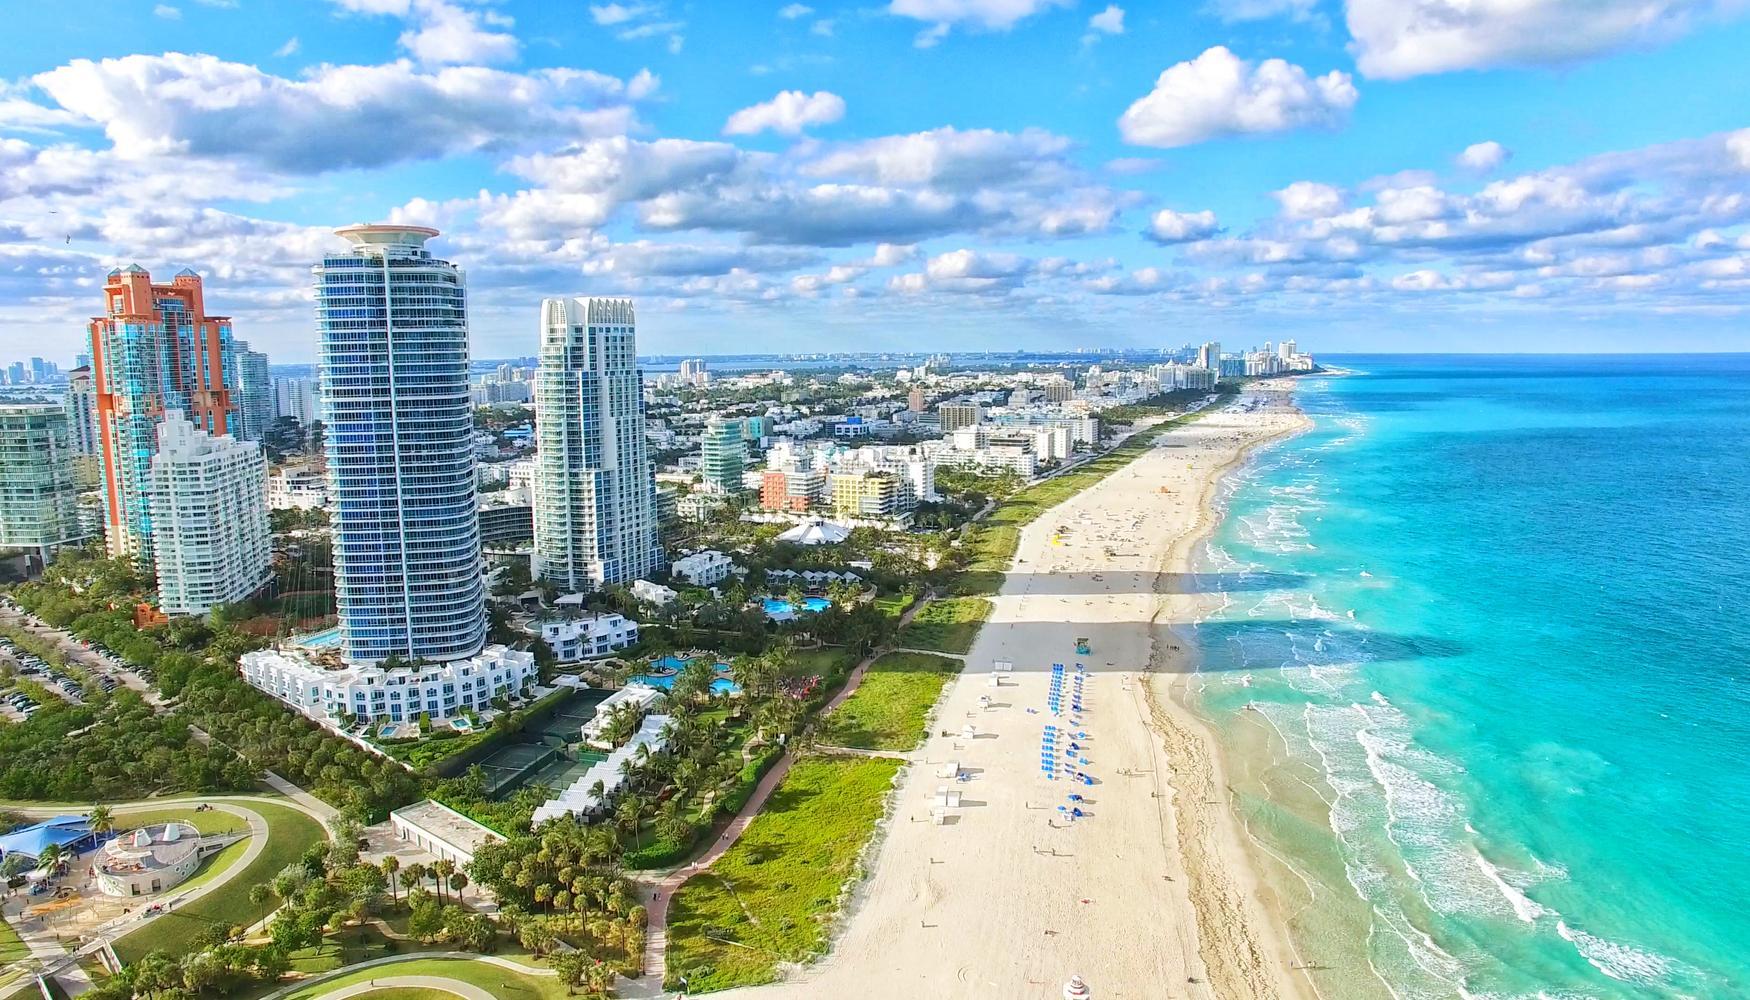 مدن سياحية في أمريكا - ميامي بيتش